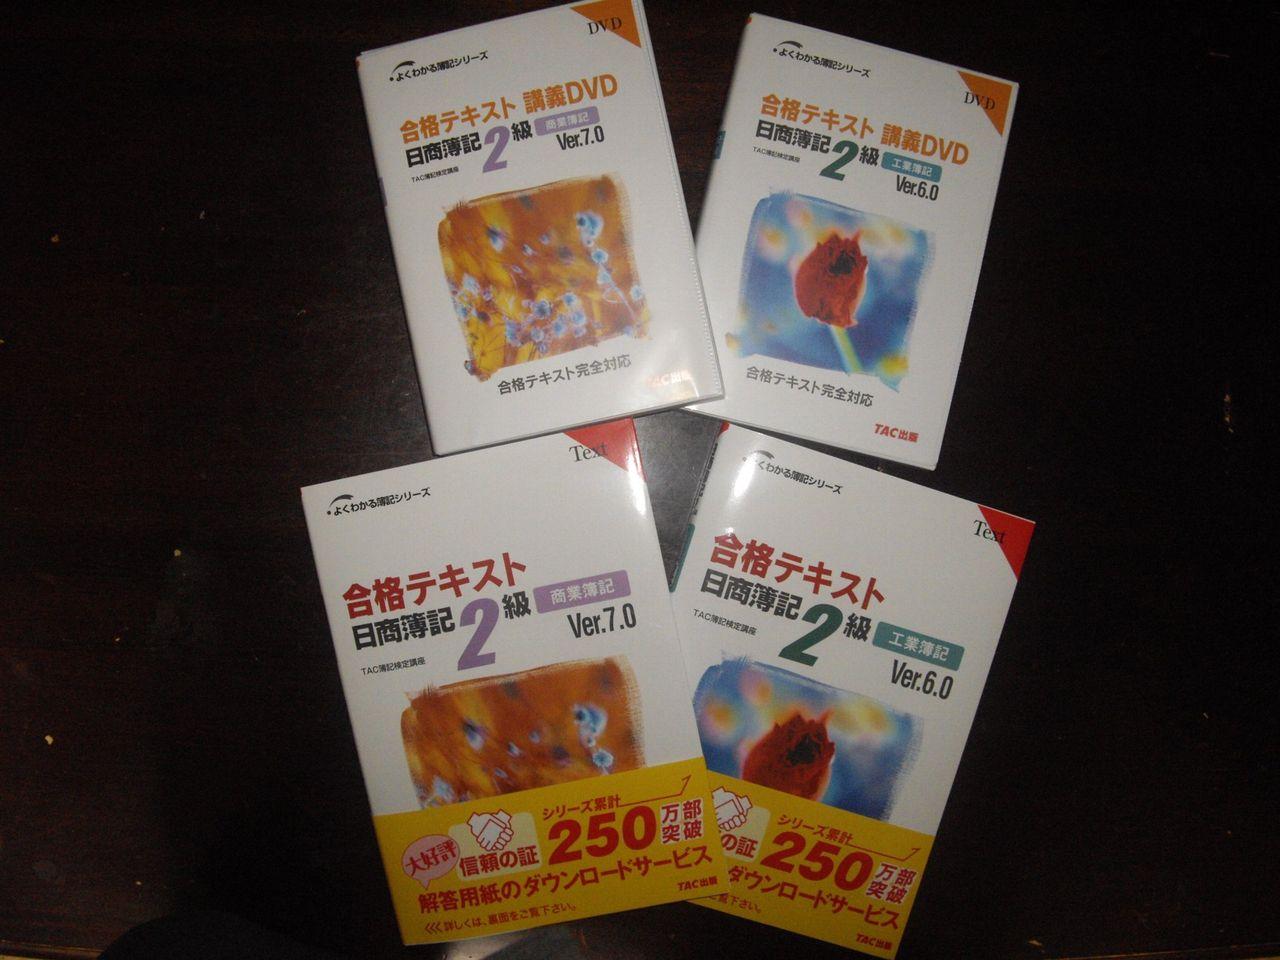 日商簿記2級教材(DVD+テキスト)